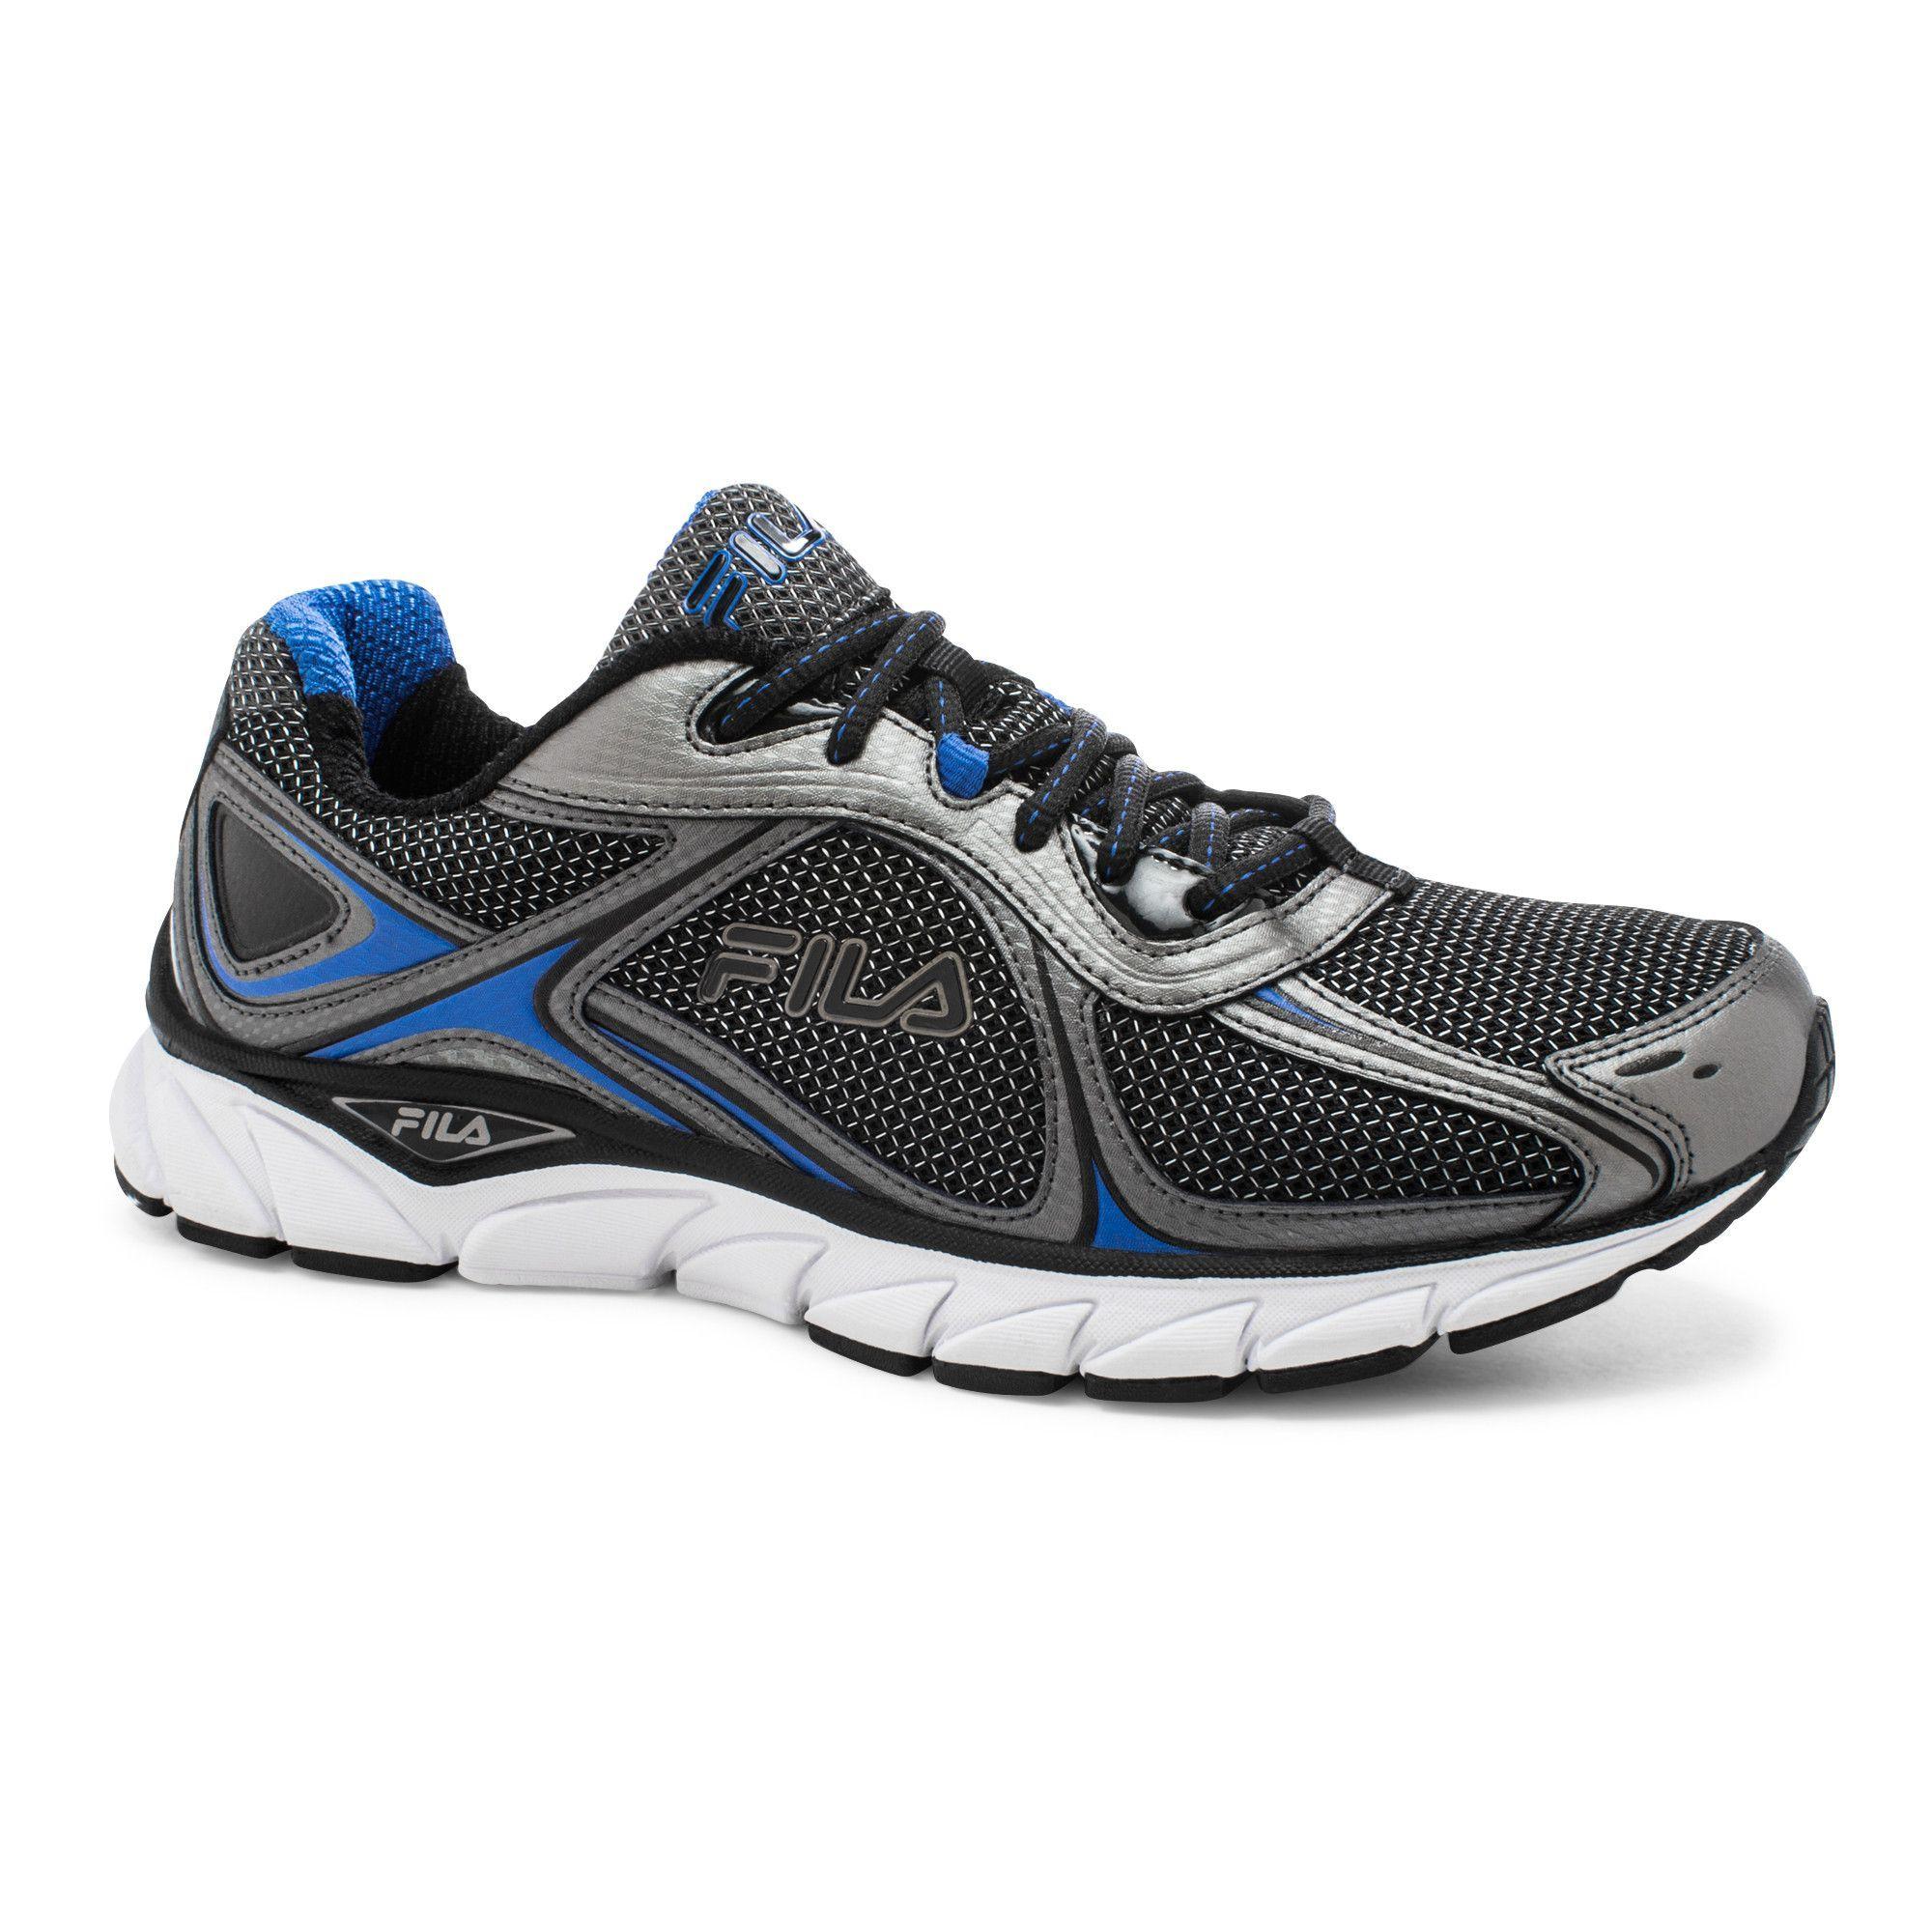 a92df6fe9660 Memory Quadrix Sneakers - Black